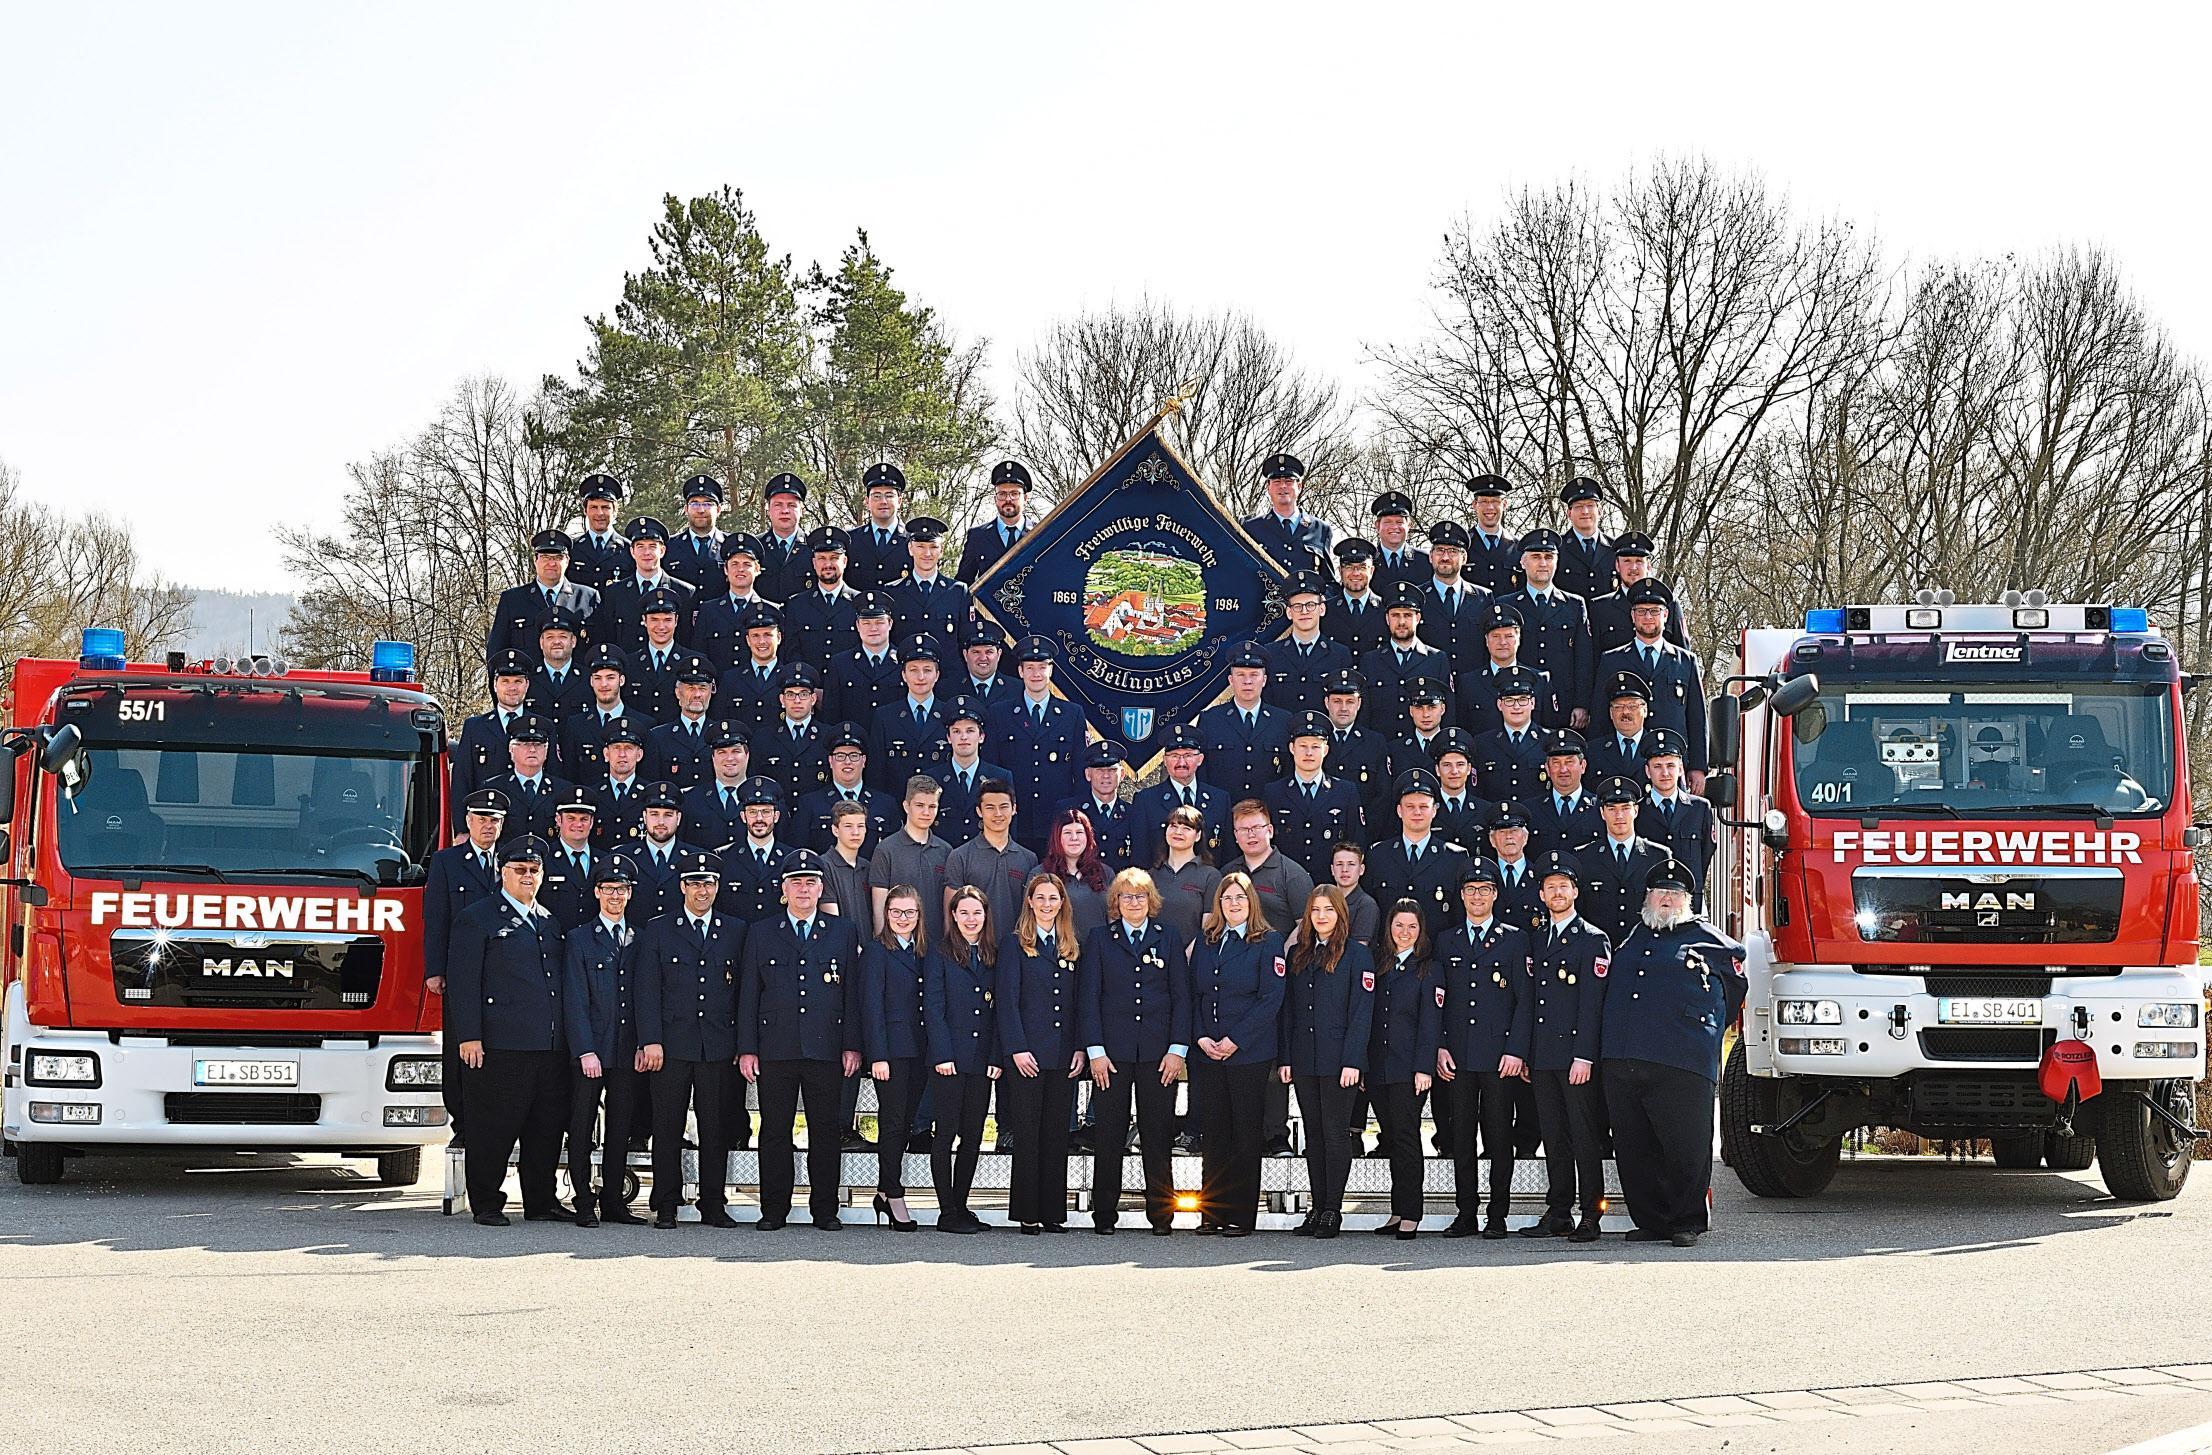 96 aktive Mitglieder, darunter 13 Feuerwehranwärter, gehören momentan der Freiwilligen Feuerwehr Beilngries an.